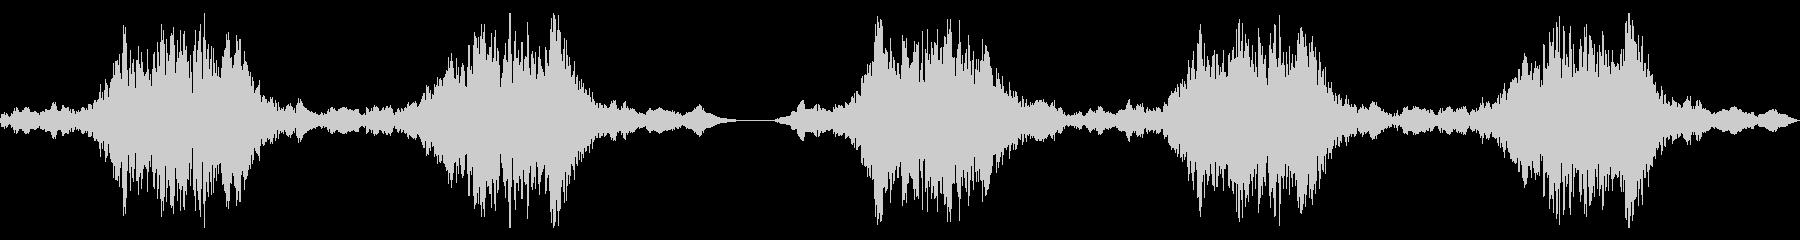 ホラーバーキングゴーストスウェルズの未再生の波形